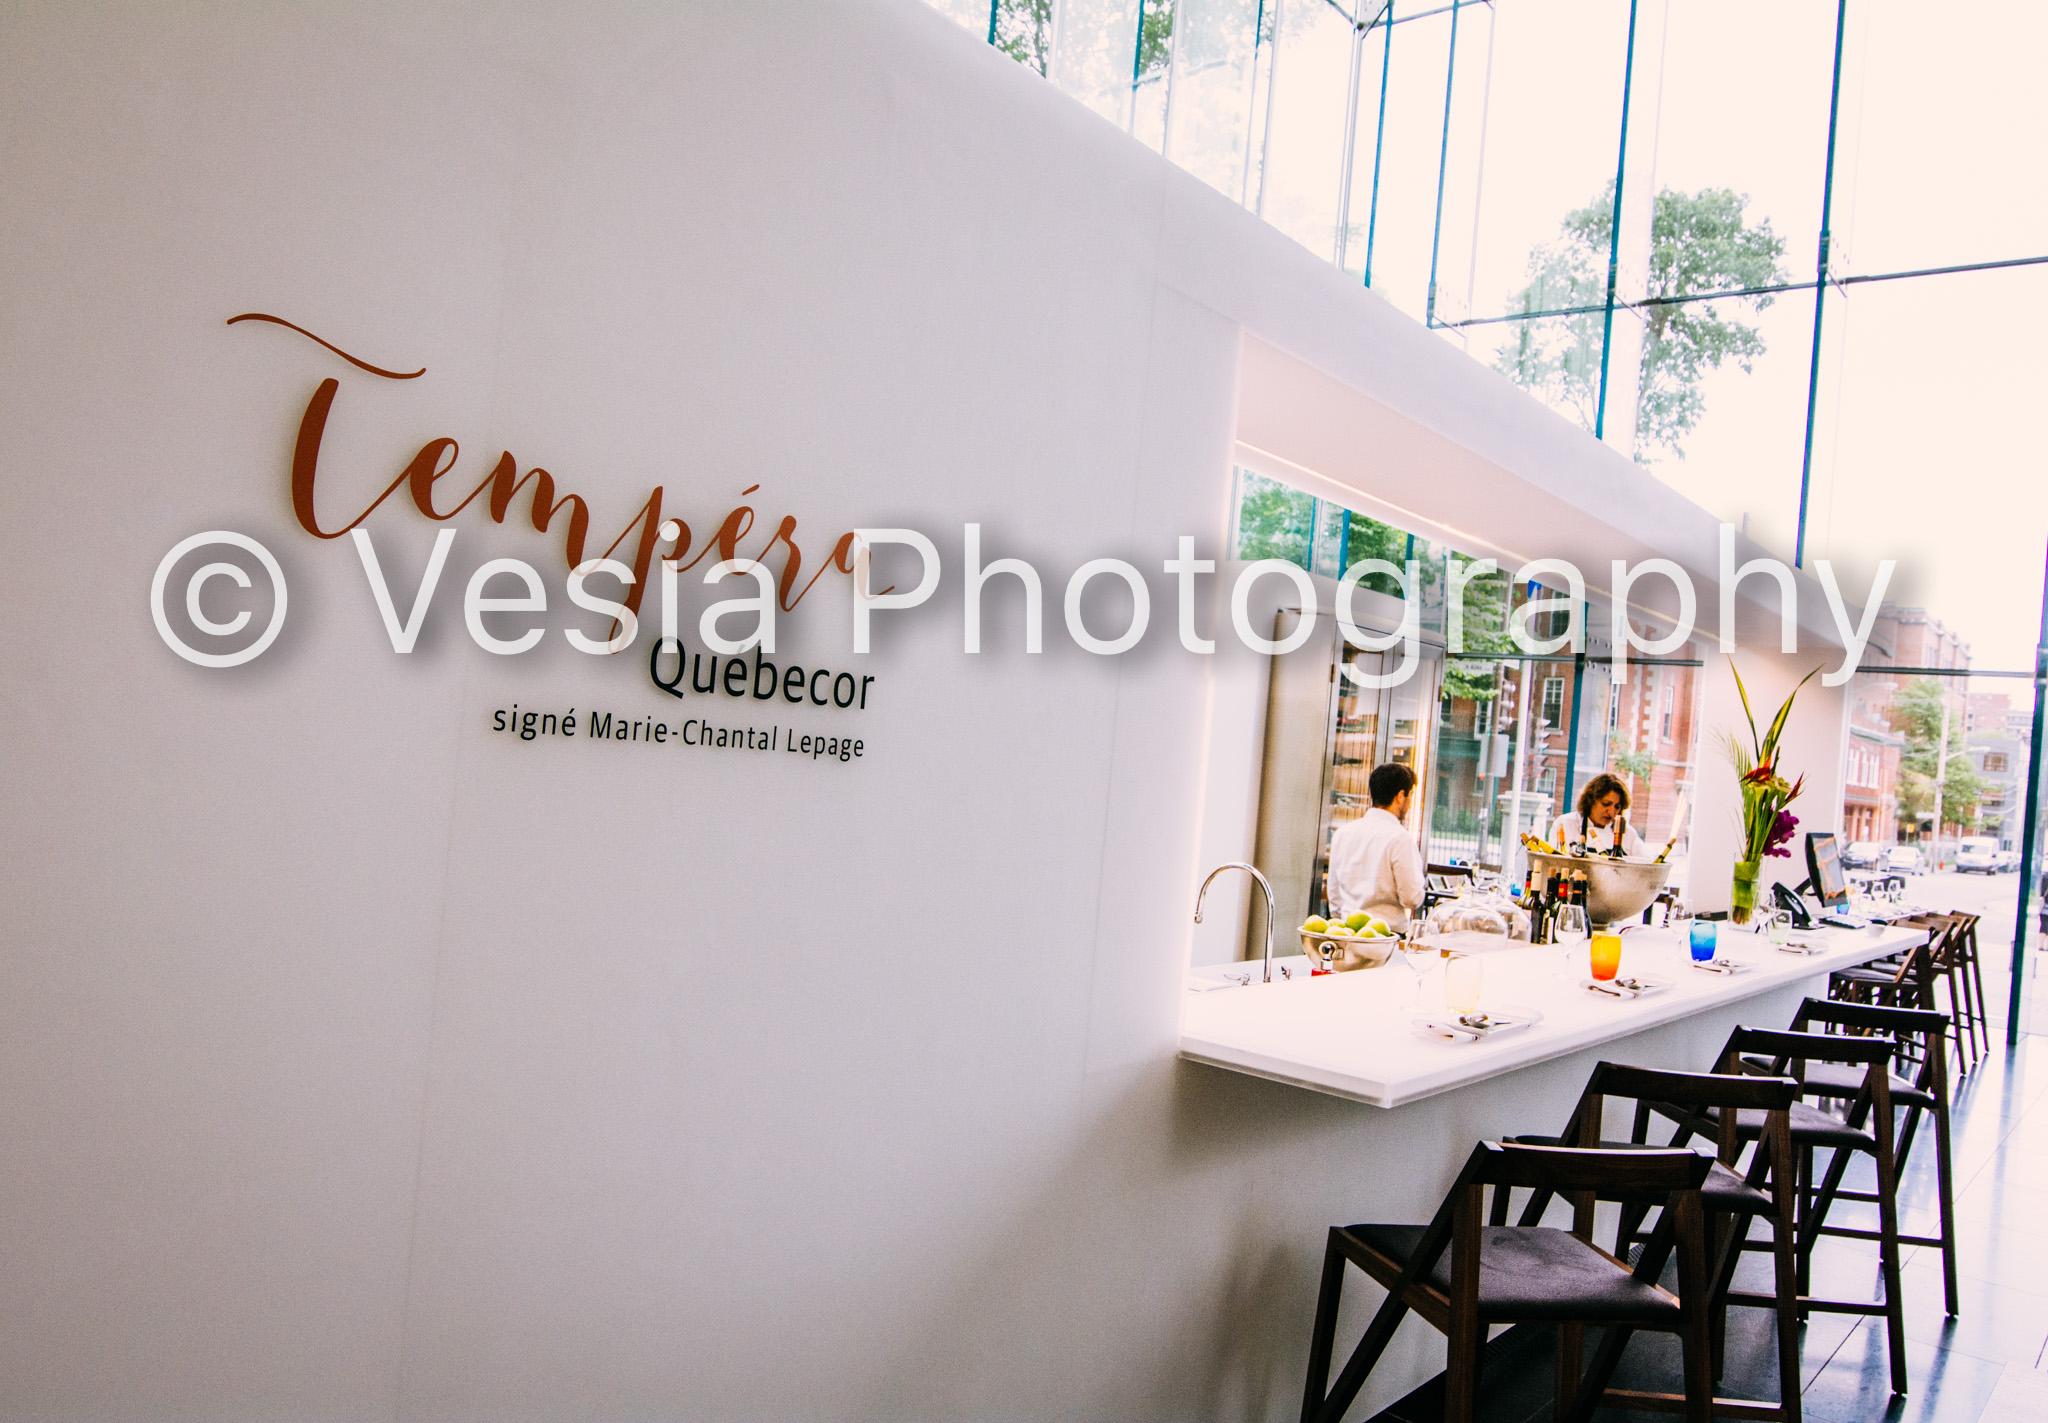 Tempera_Proofs-7.jpg